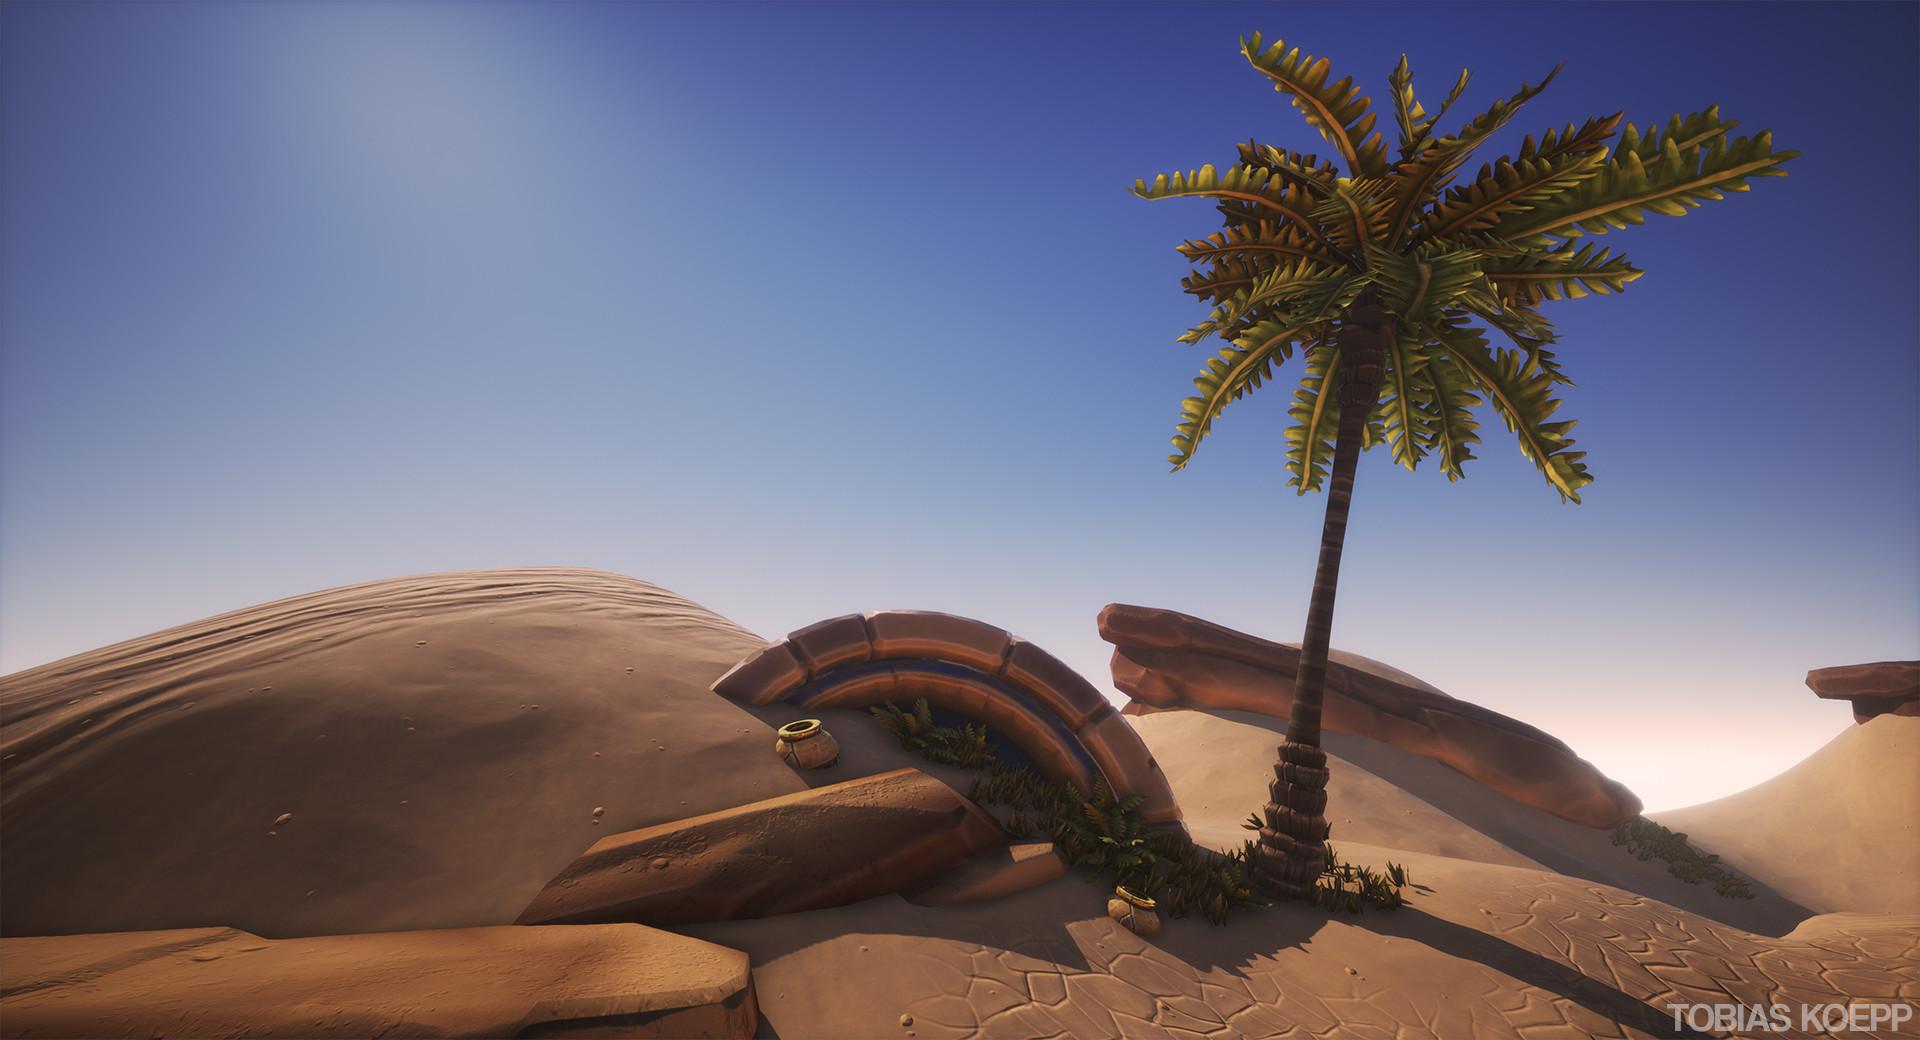 Tobias koepp oasis tobiaskoepp 09